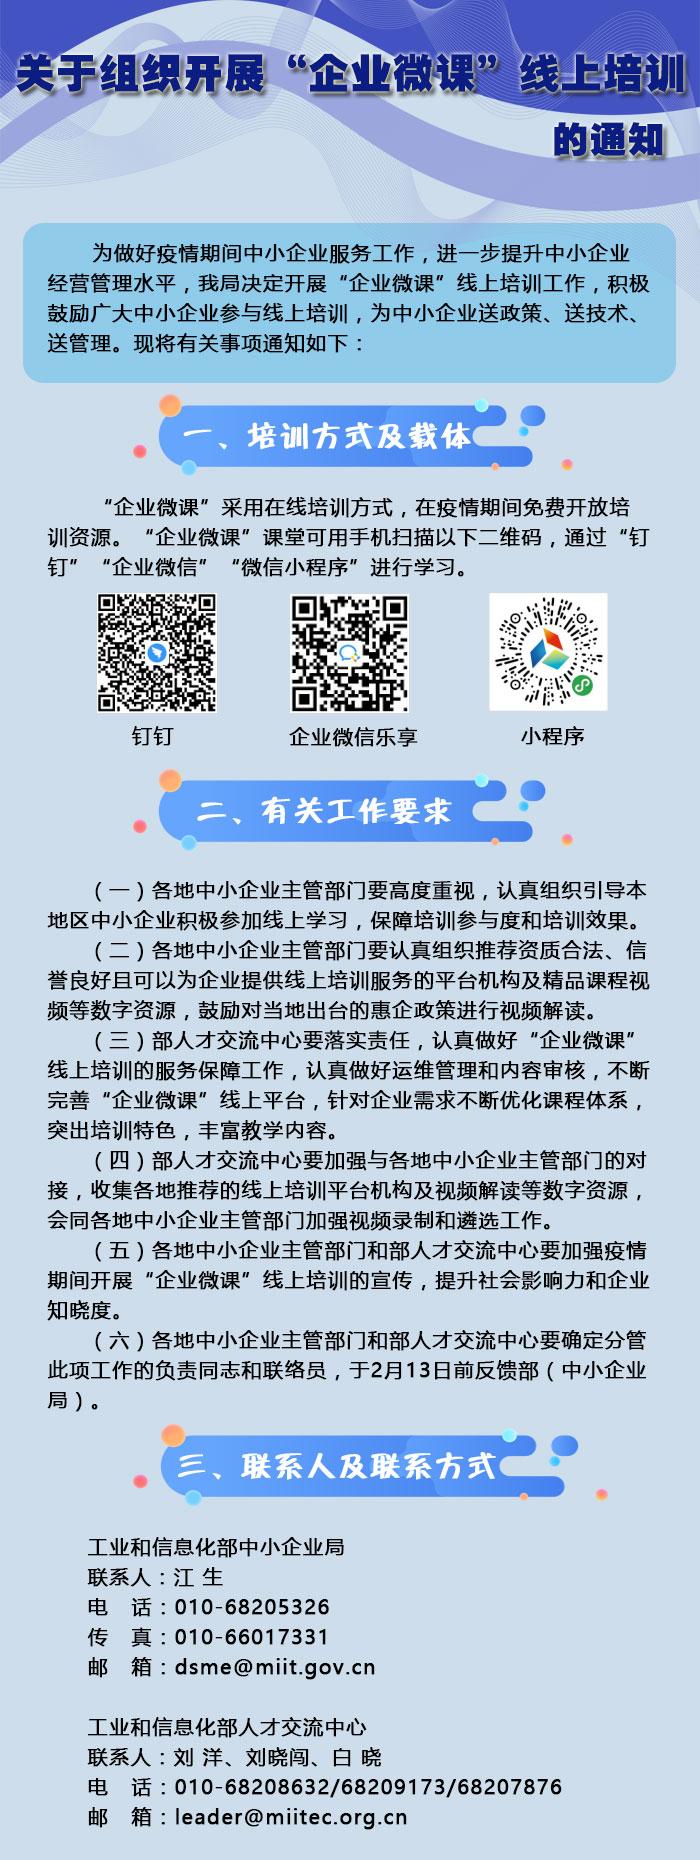 微信图片_20200212145425.jpg